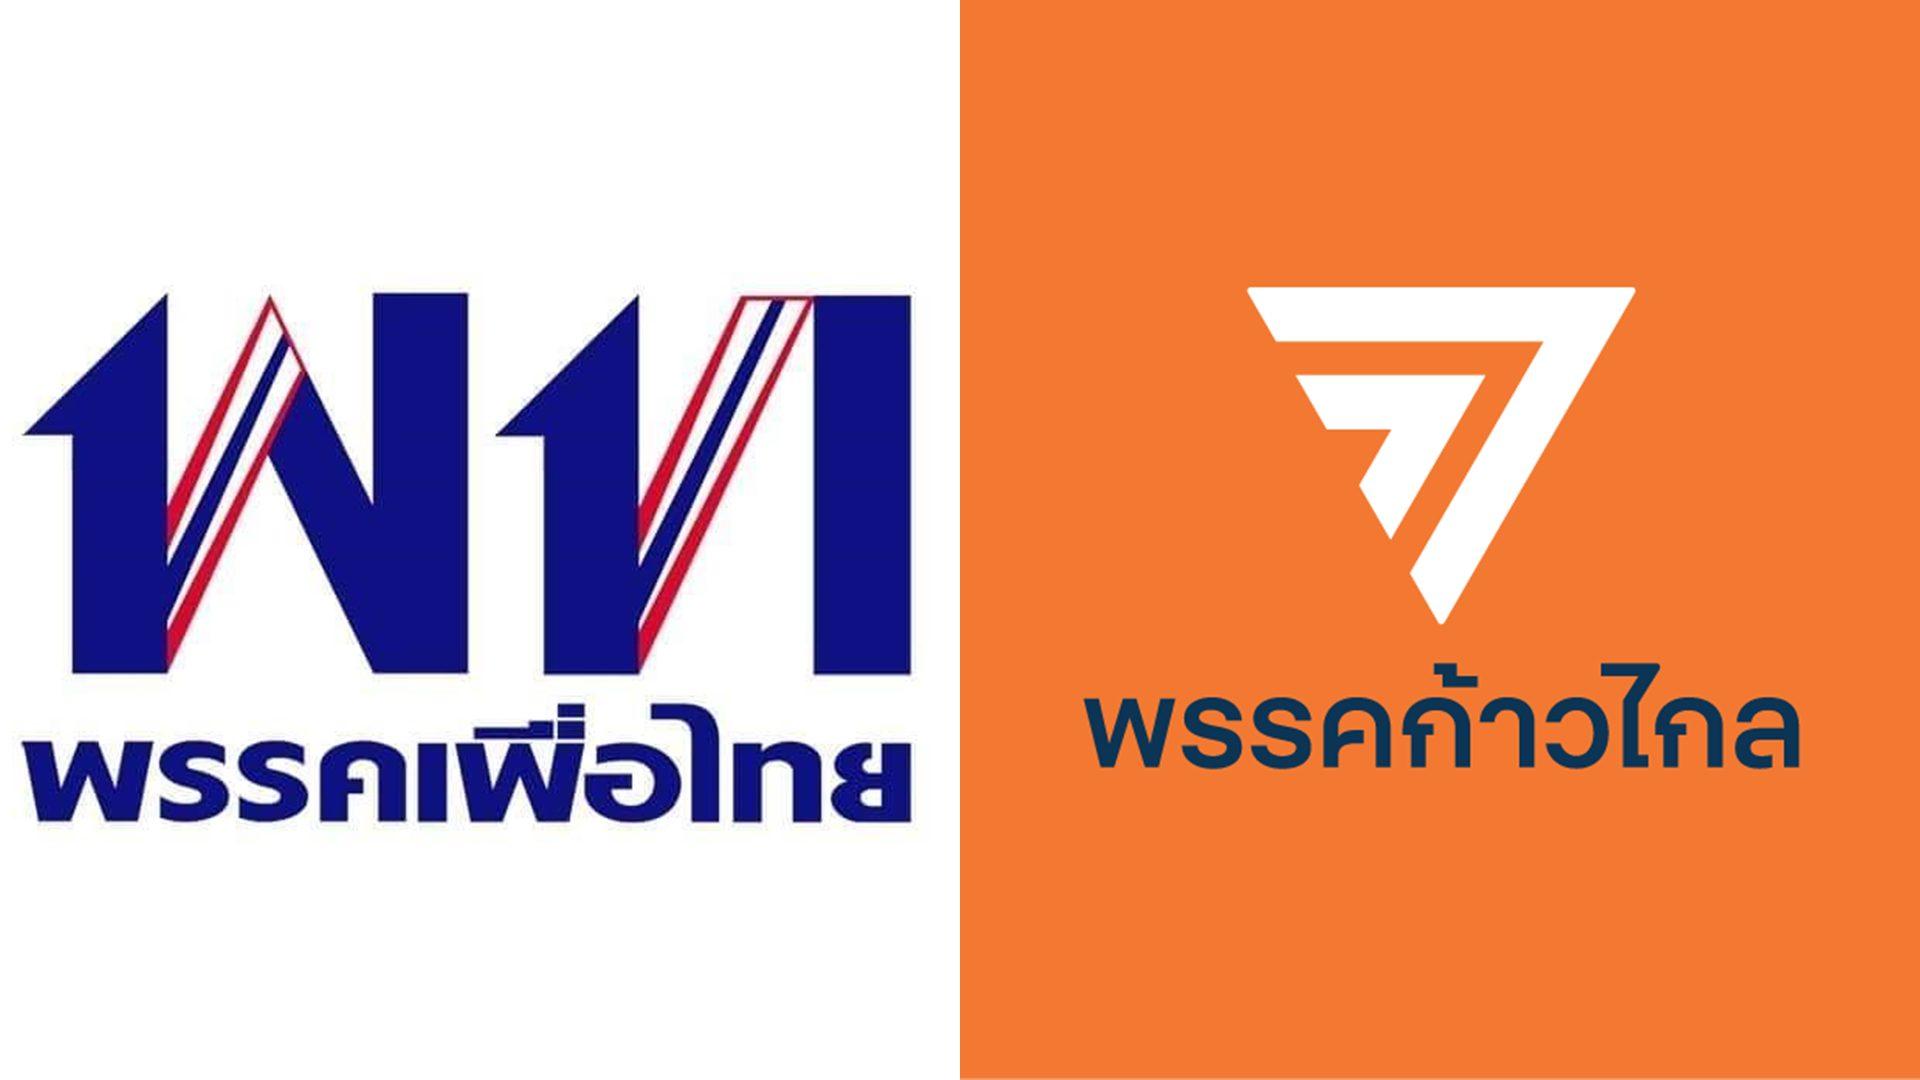 ประเด็นร้อนการเมือง 'เพื่อไทย' – 'ก้าวไกล' เห็นต่างยื่นแก้รธน. มาตรา 272